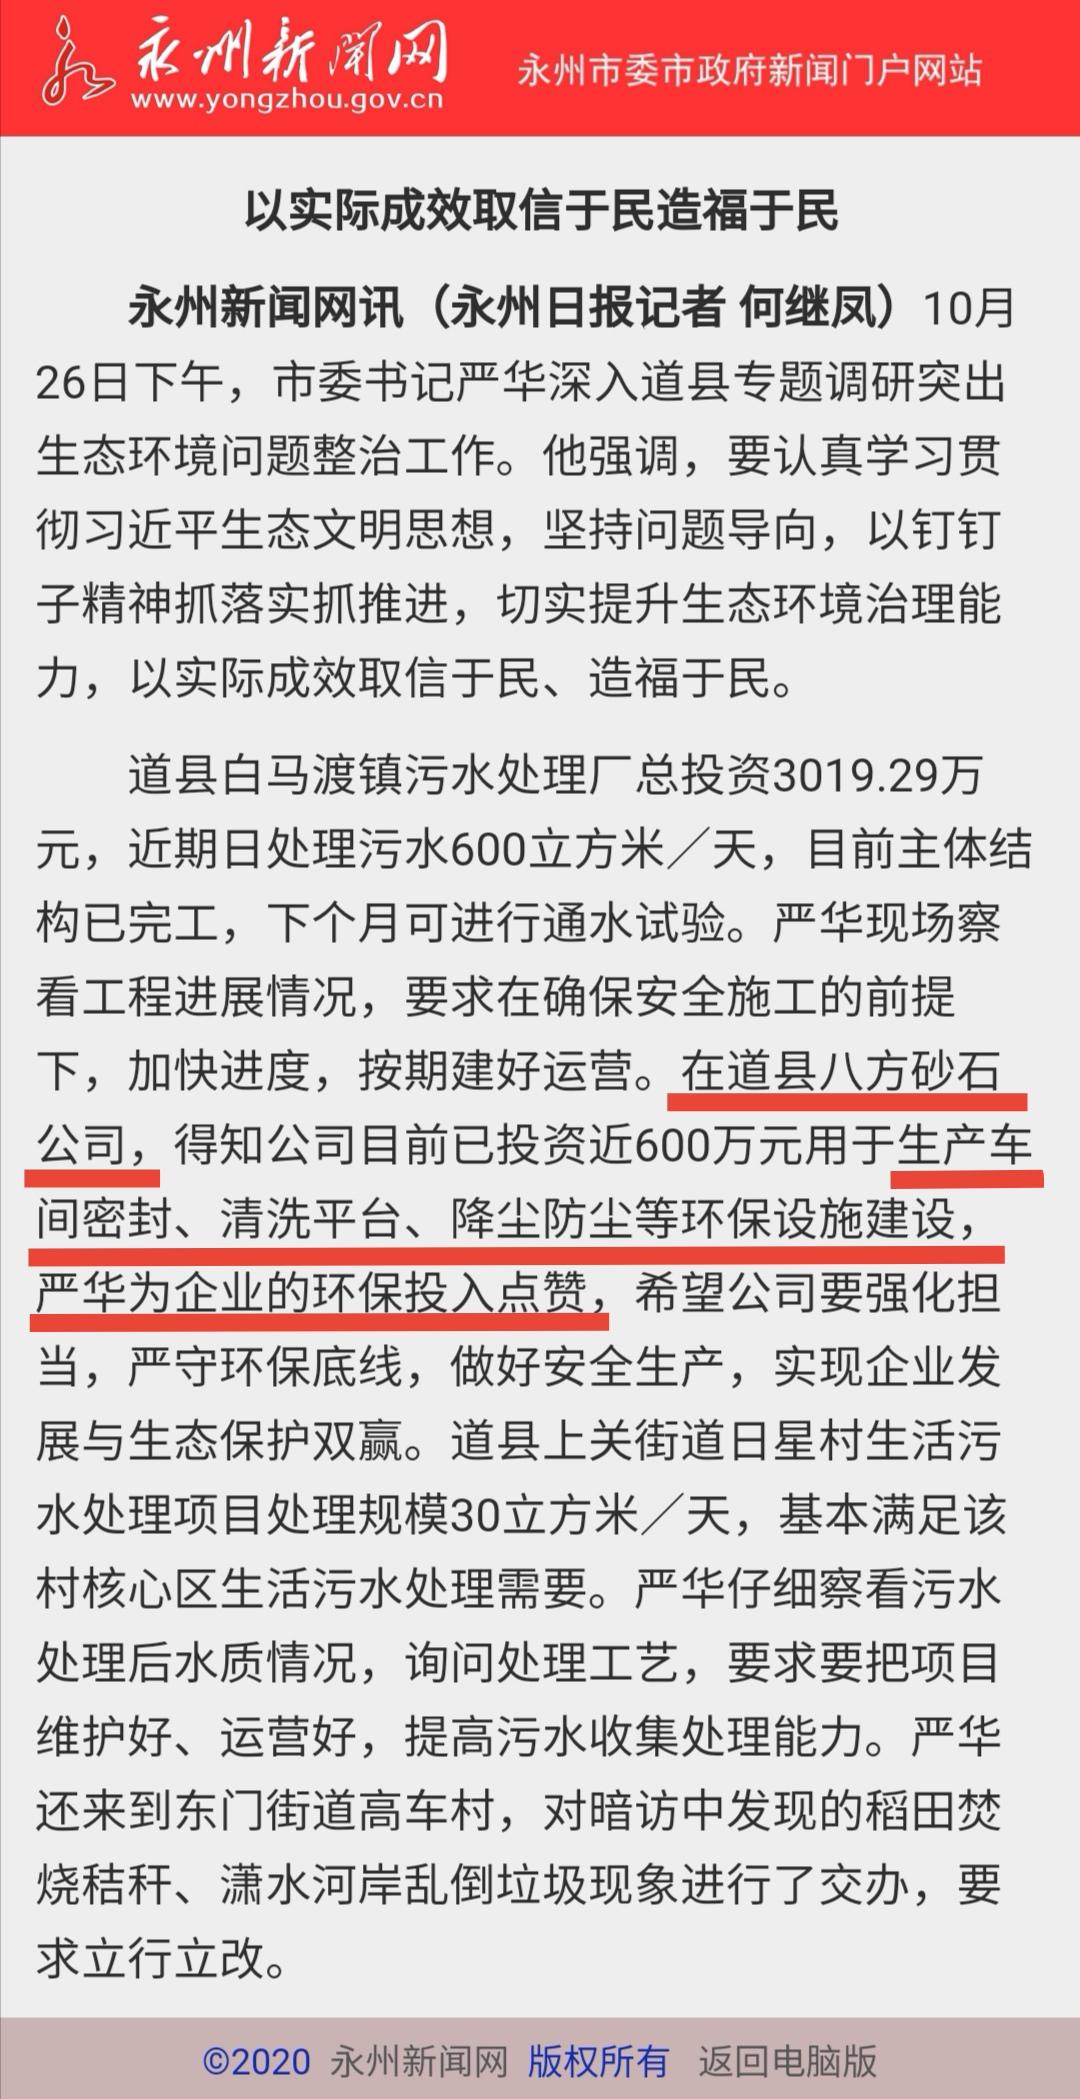 厉害了!环保举措被市委书记点赞,永州这家企业为啥这么牛?